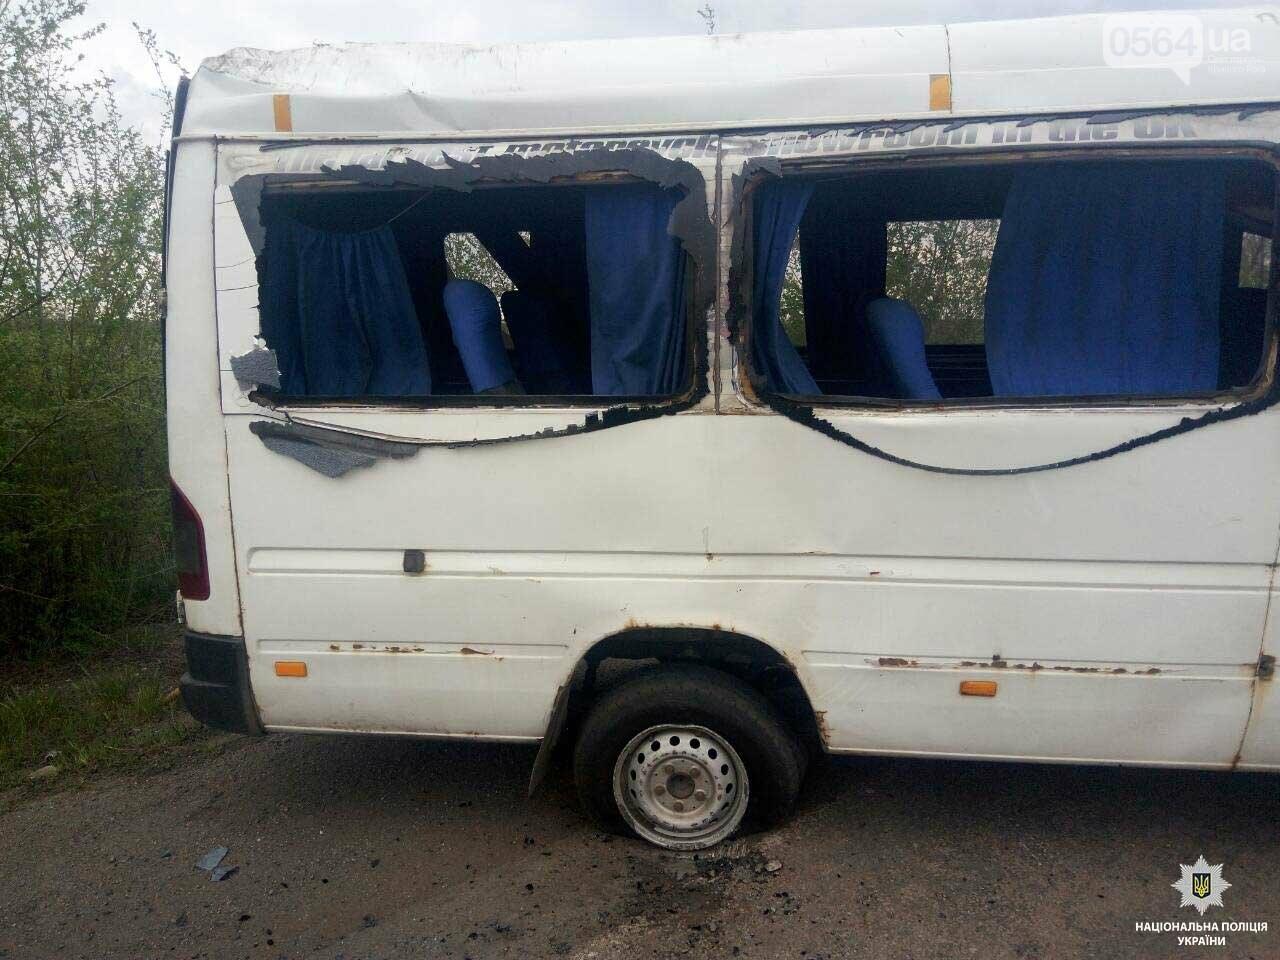 Полиция возбудила уголовное дело по факту ДТП на криворожской трассе, где пострадали 5 человек в маршрутке (ФОТО), фото-2